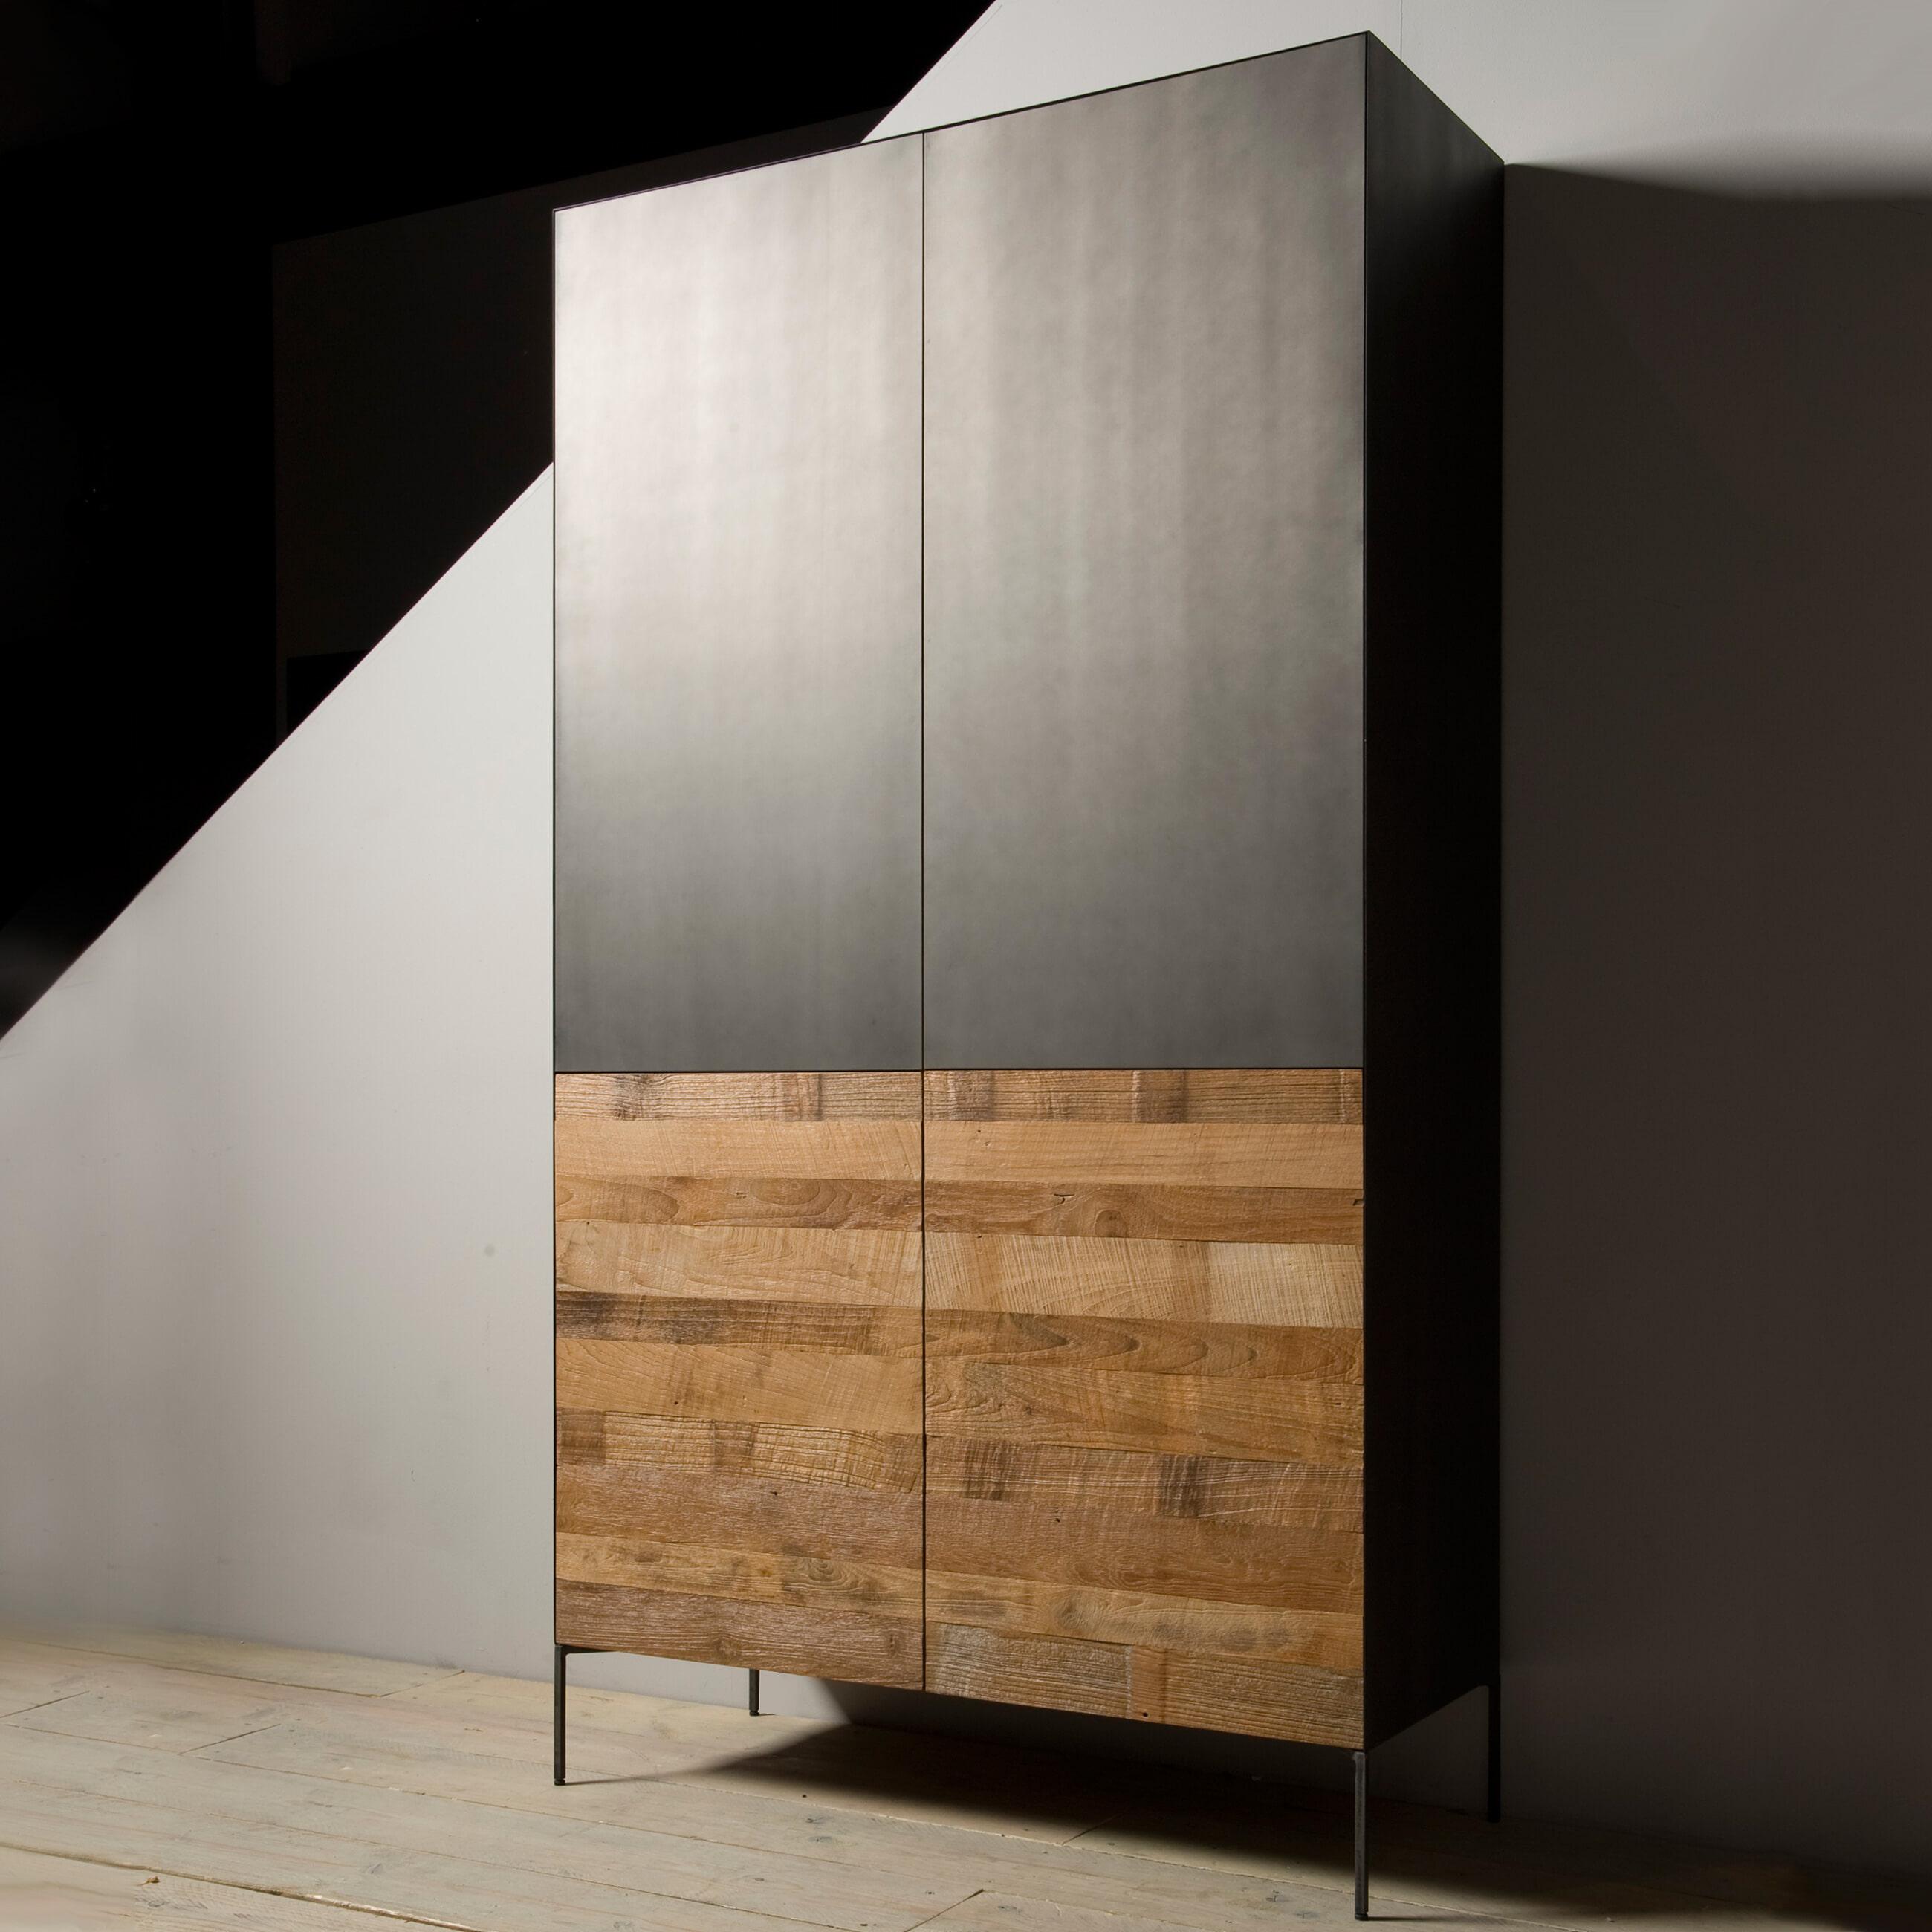 Tower Living Opbergkast 'Pandora' Kasten | Opbergkasten vergelijken doe je het voordeligst hier bij Meubelpartner